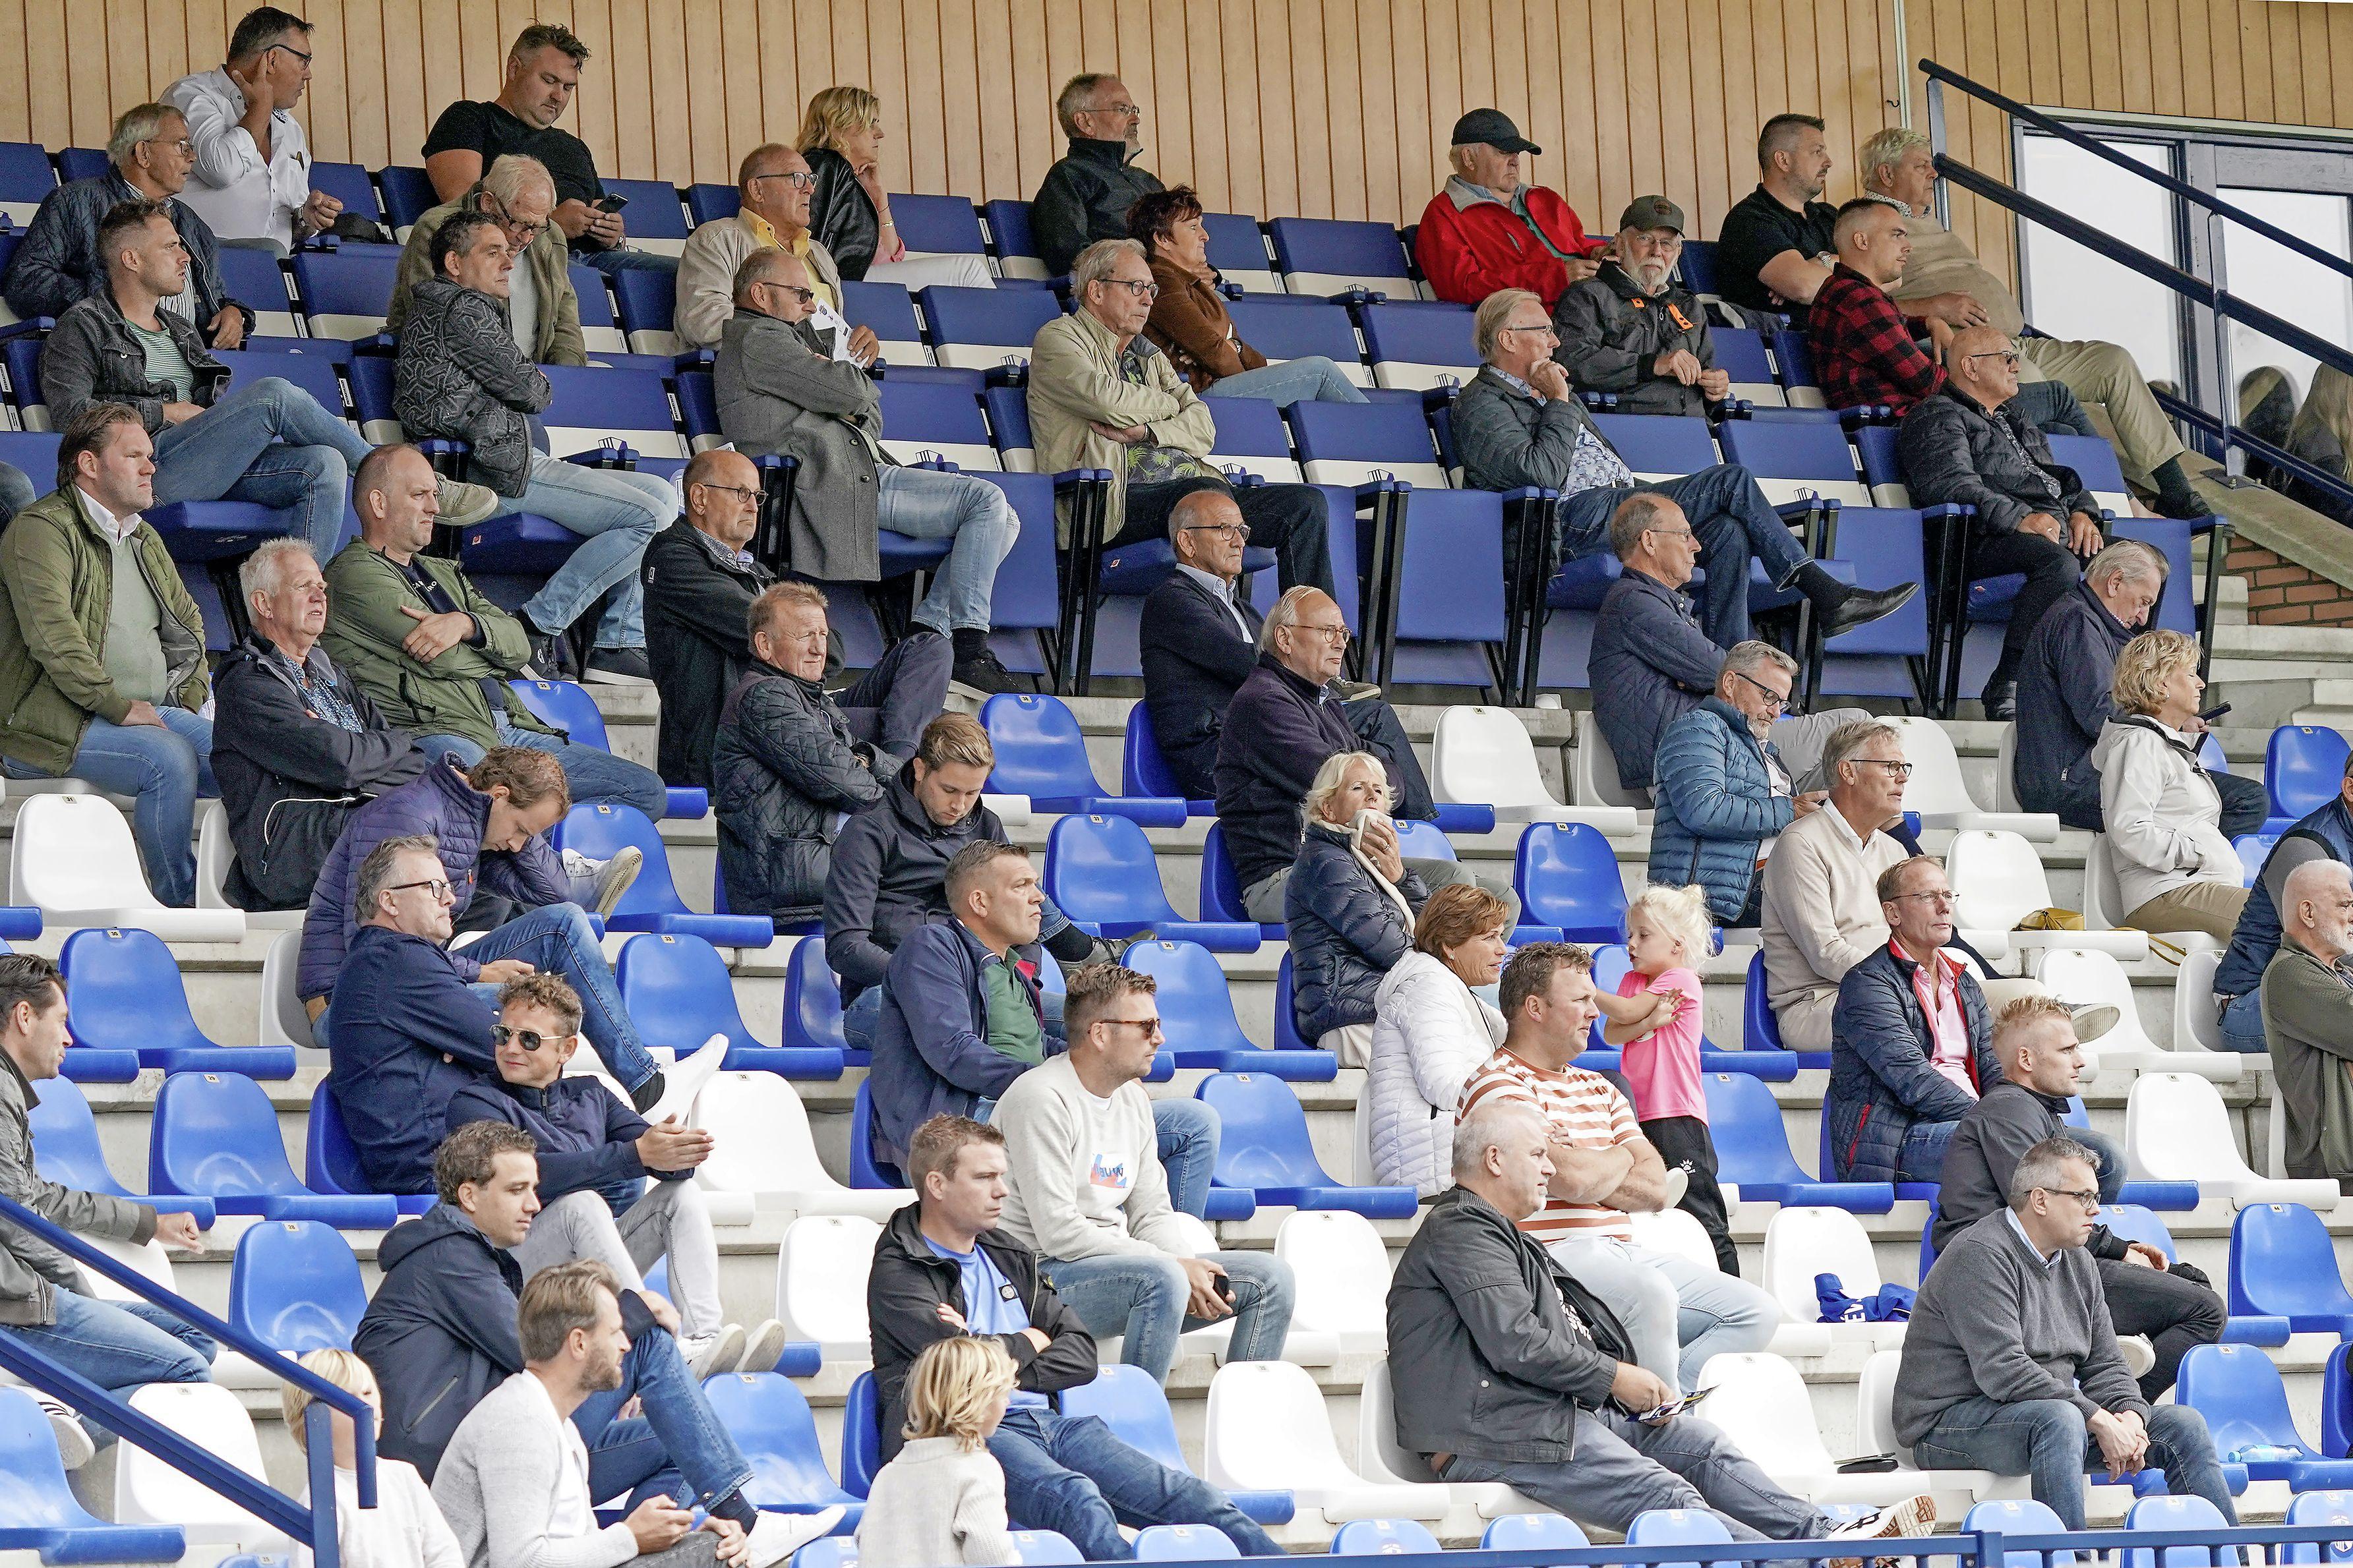 Gemeente Katwijk legt verzoek van vijf voetbalclubs om kwijtschelding van jaar veldhuur naast zich neer: 'Ietwat teleurstellend vind ik dit wel'